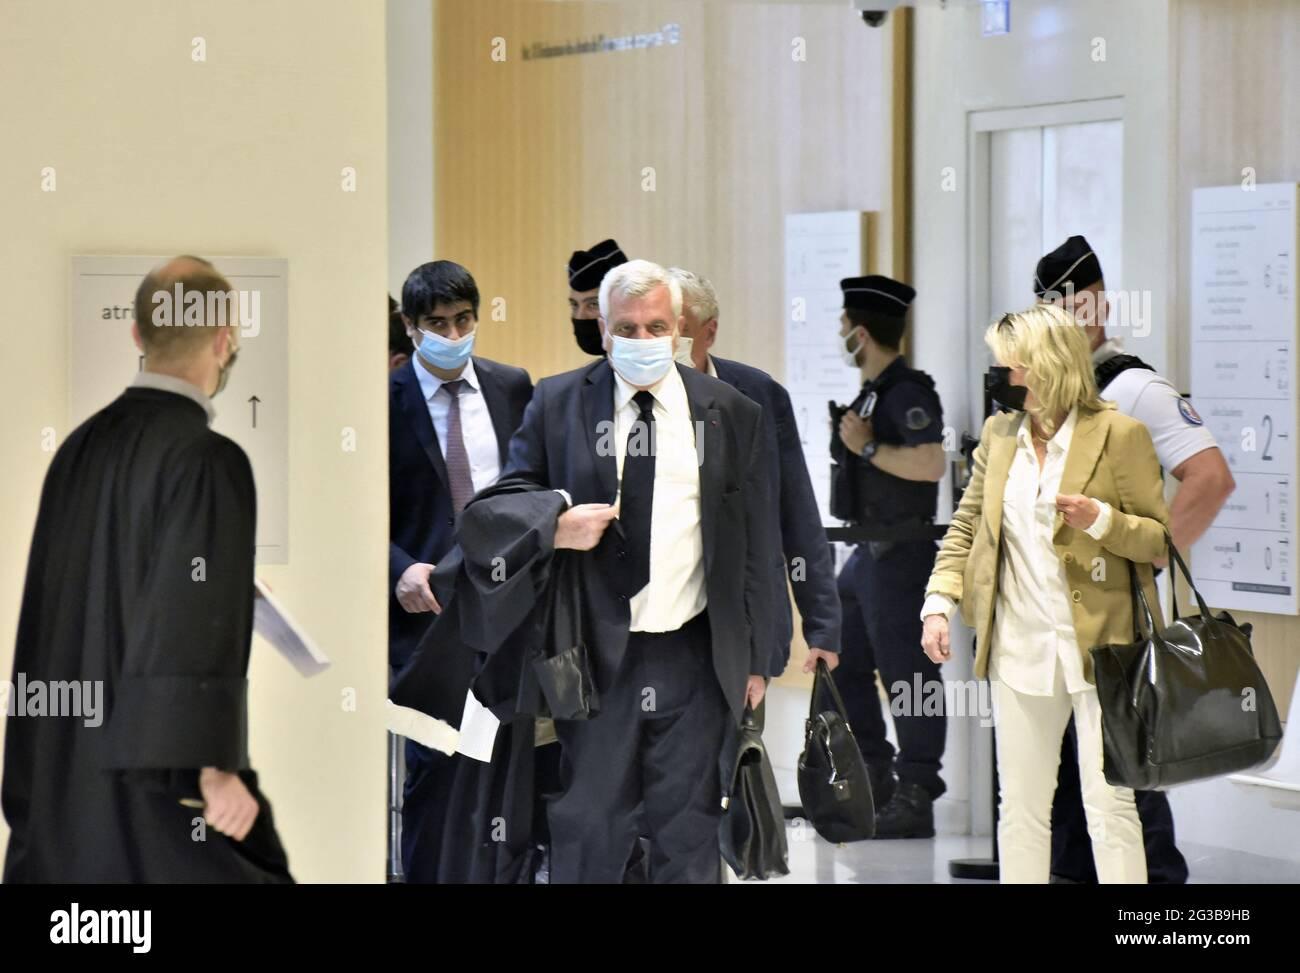 Parigi, Francia, il 15 giugno 2021. Avvocato di Nicolas Sarkozy, Thierry Herzog arriva per un'audizione del cosiddetto processo di Bygmalion che lo vede accusato di finanziamento illecito per la sua fallita campagna di rielezione del 2012, a Parigi, Francia, il 15 giugno 2021. Sarkozy e altri 13 sono accusati di istituire o beneficiare di un falso sistema di fatturazione per coprire milioni di euro in eccesso di spesa per i raduni delle campagne. Foto di Patrice Pierrot/Avenir Pictures/ABACAPRESS.COM Foto Stock